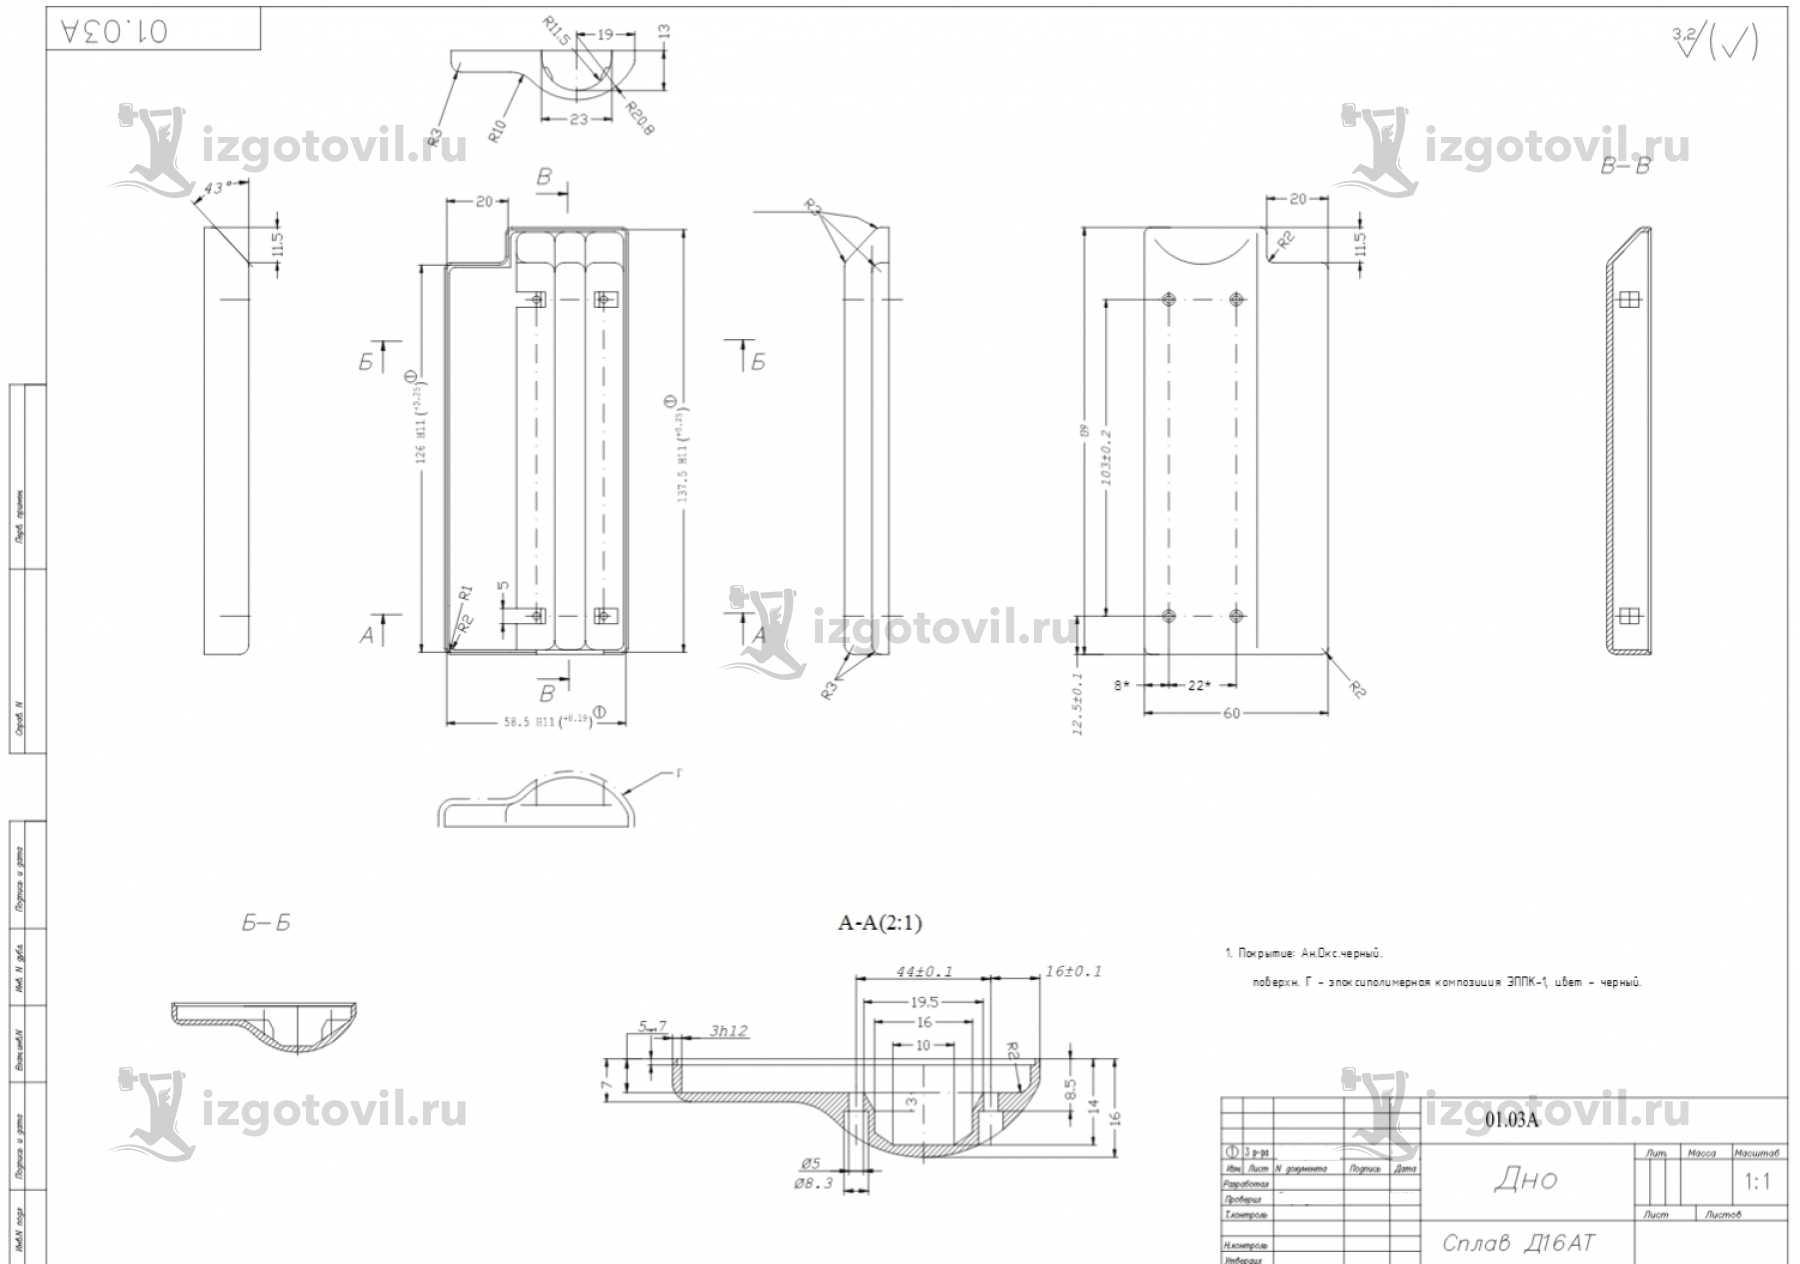 Изготовление металлоконструкций: крышка и дно